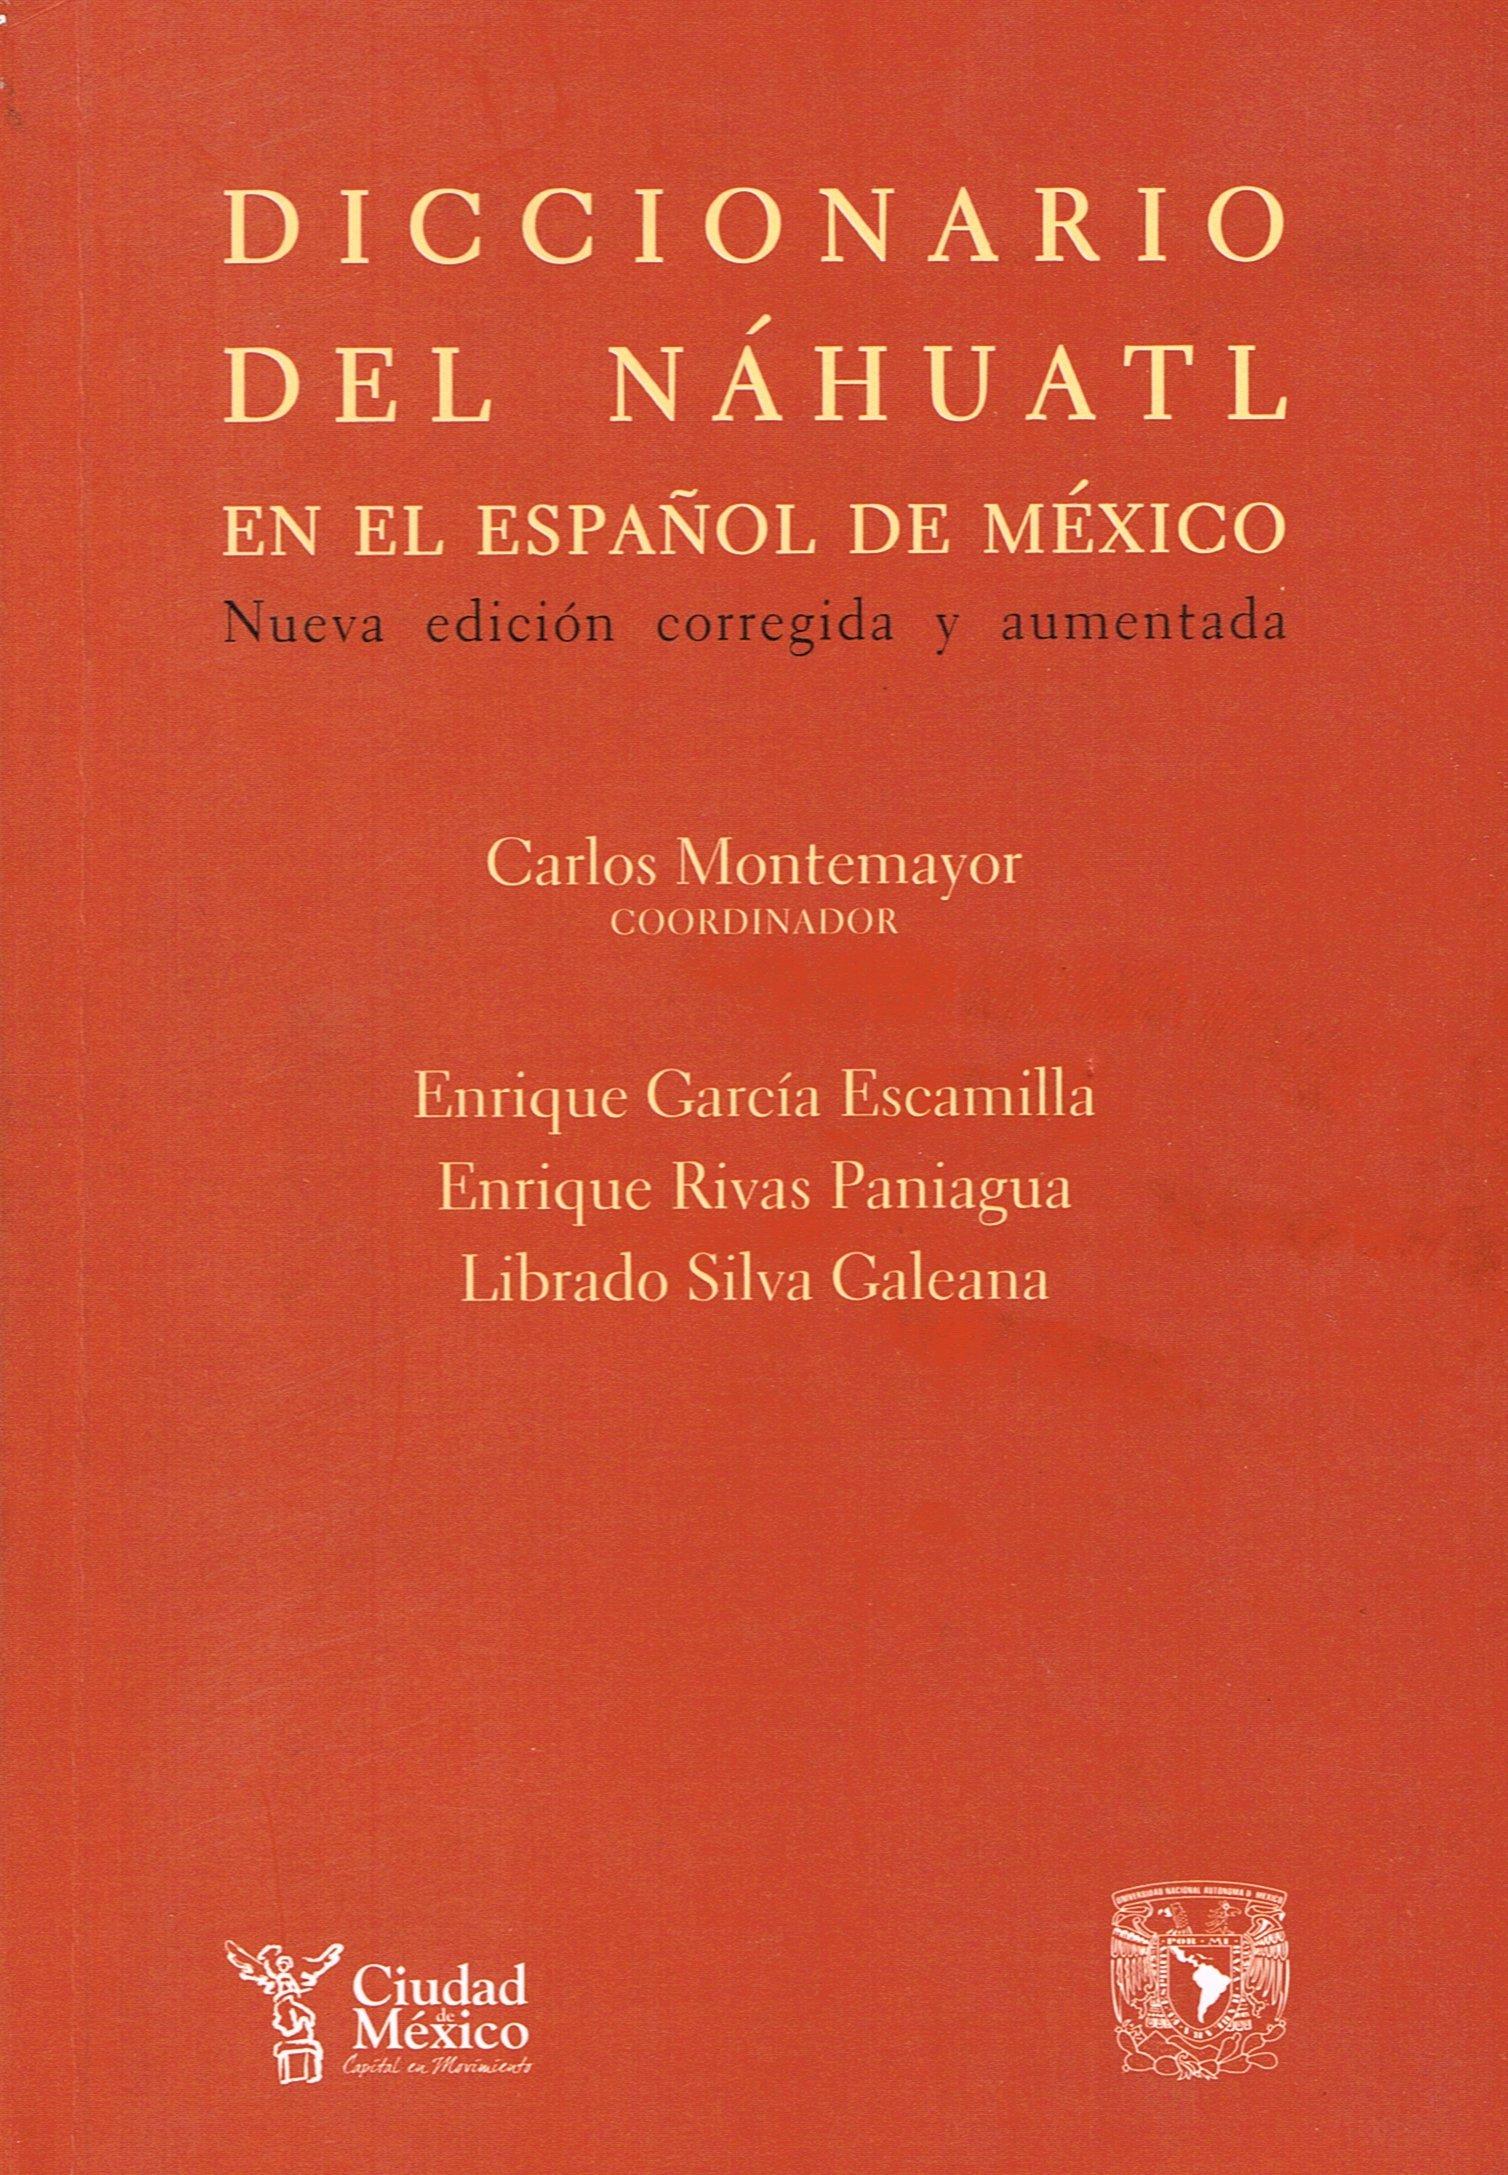 Diccionario del náhuatl en el español de México